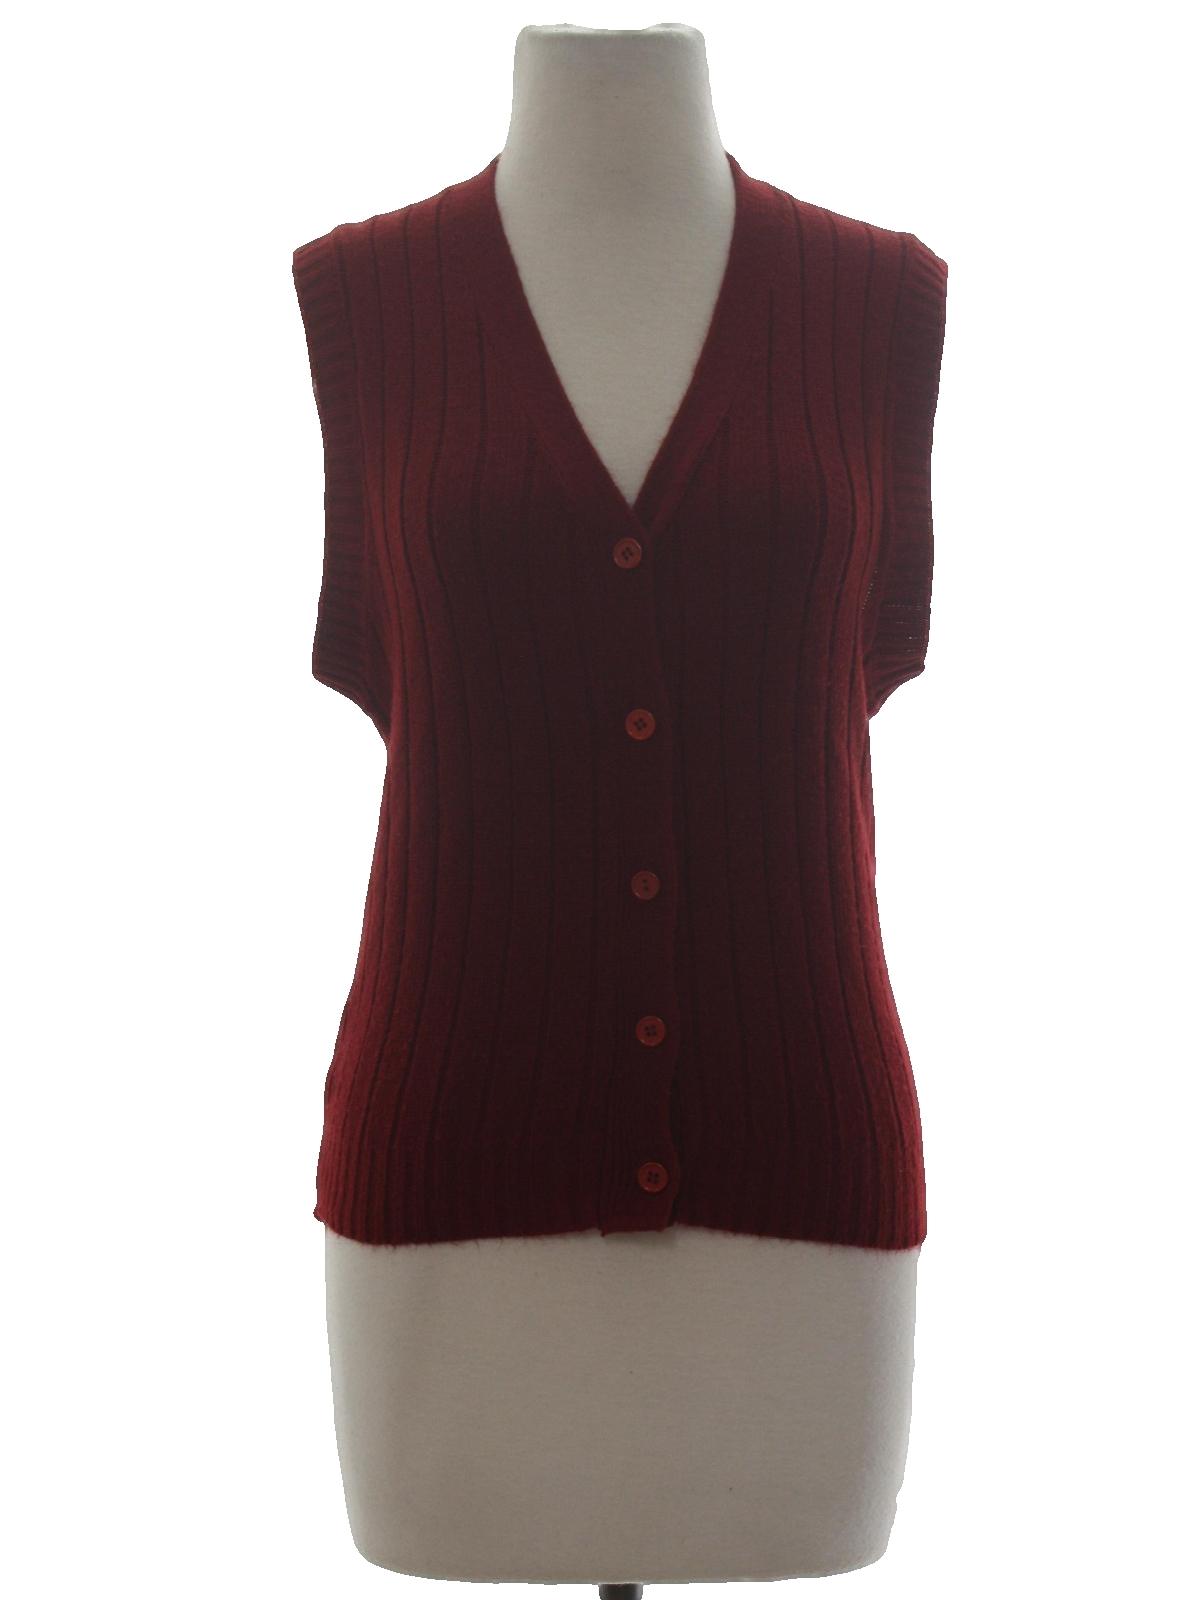 Retro 70's Sweater: 70s -Sheridan- Womens burgundy acrylic sweater ...